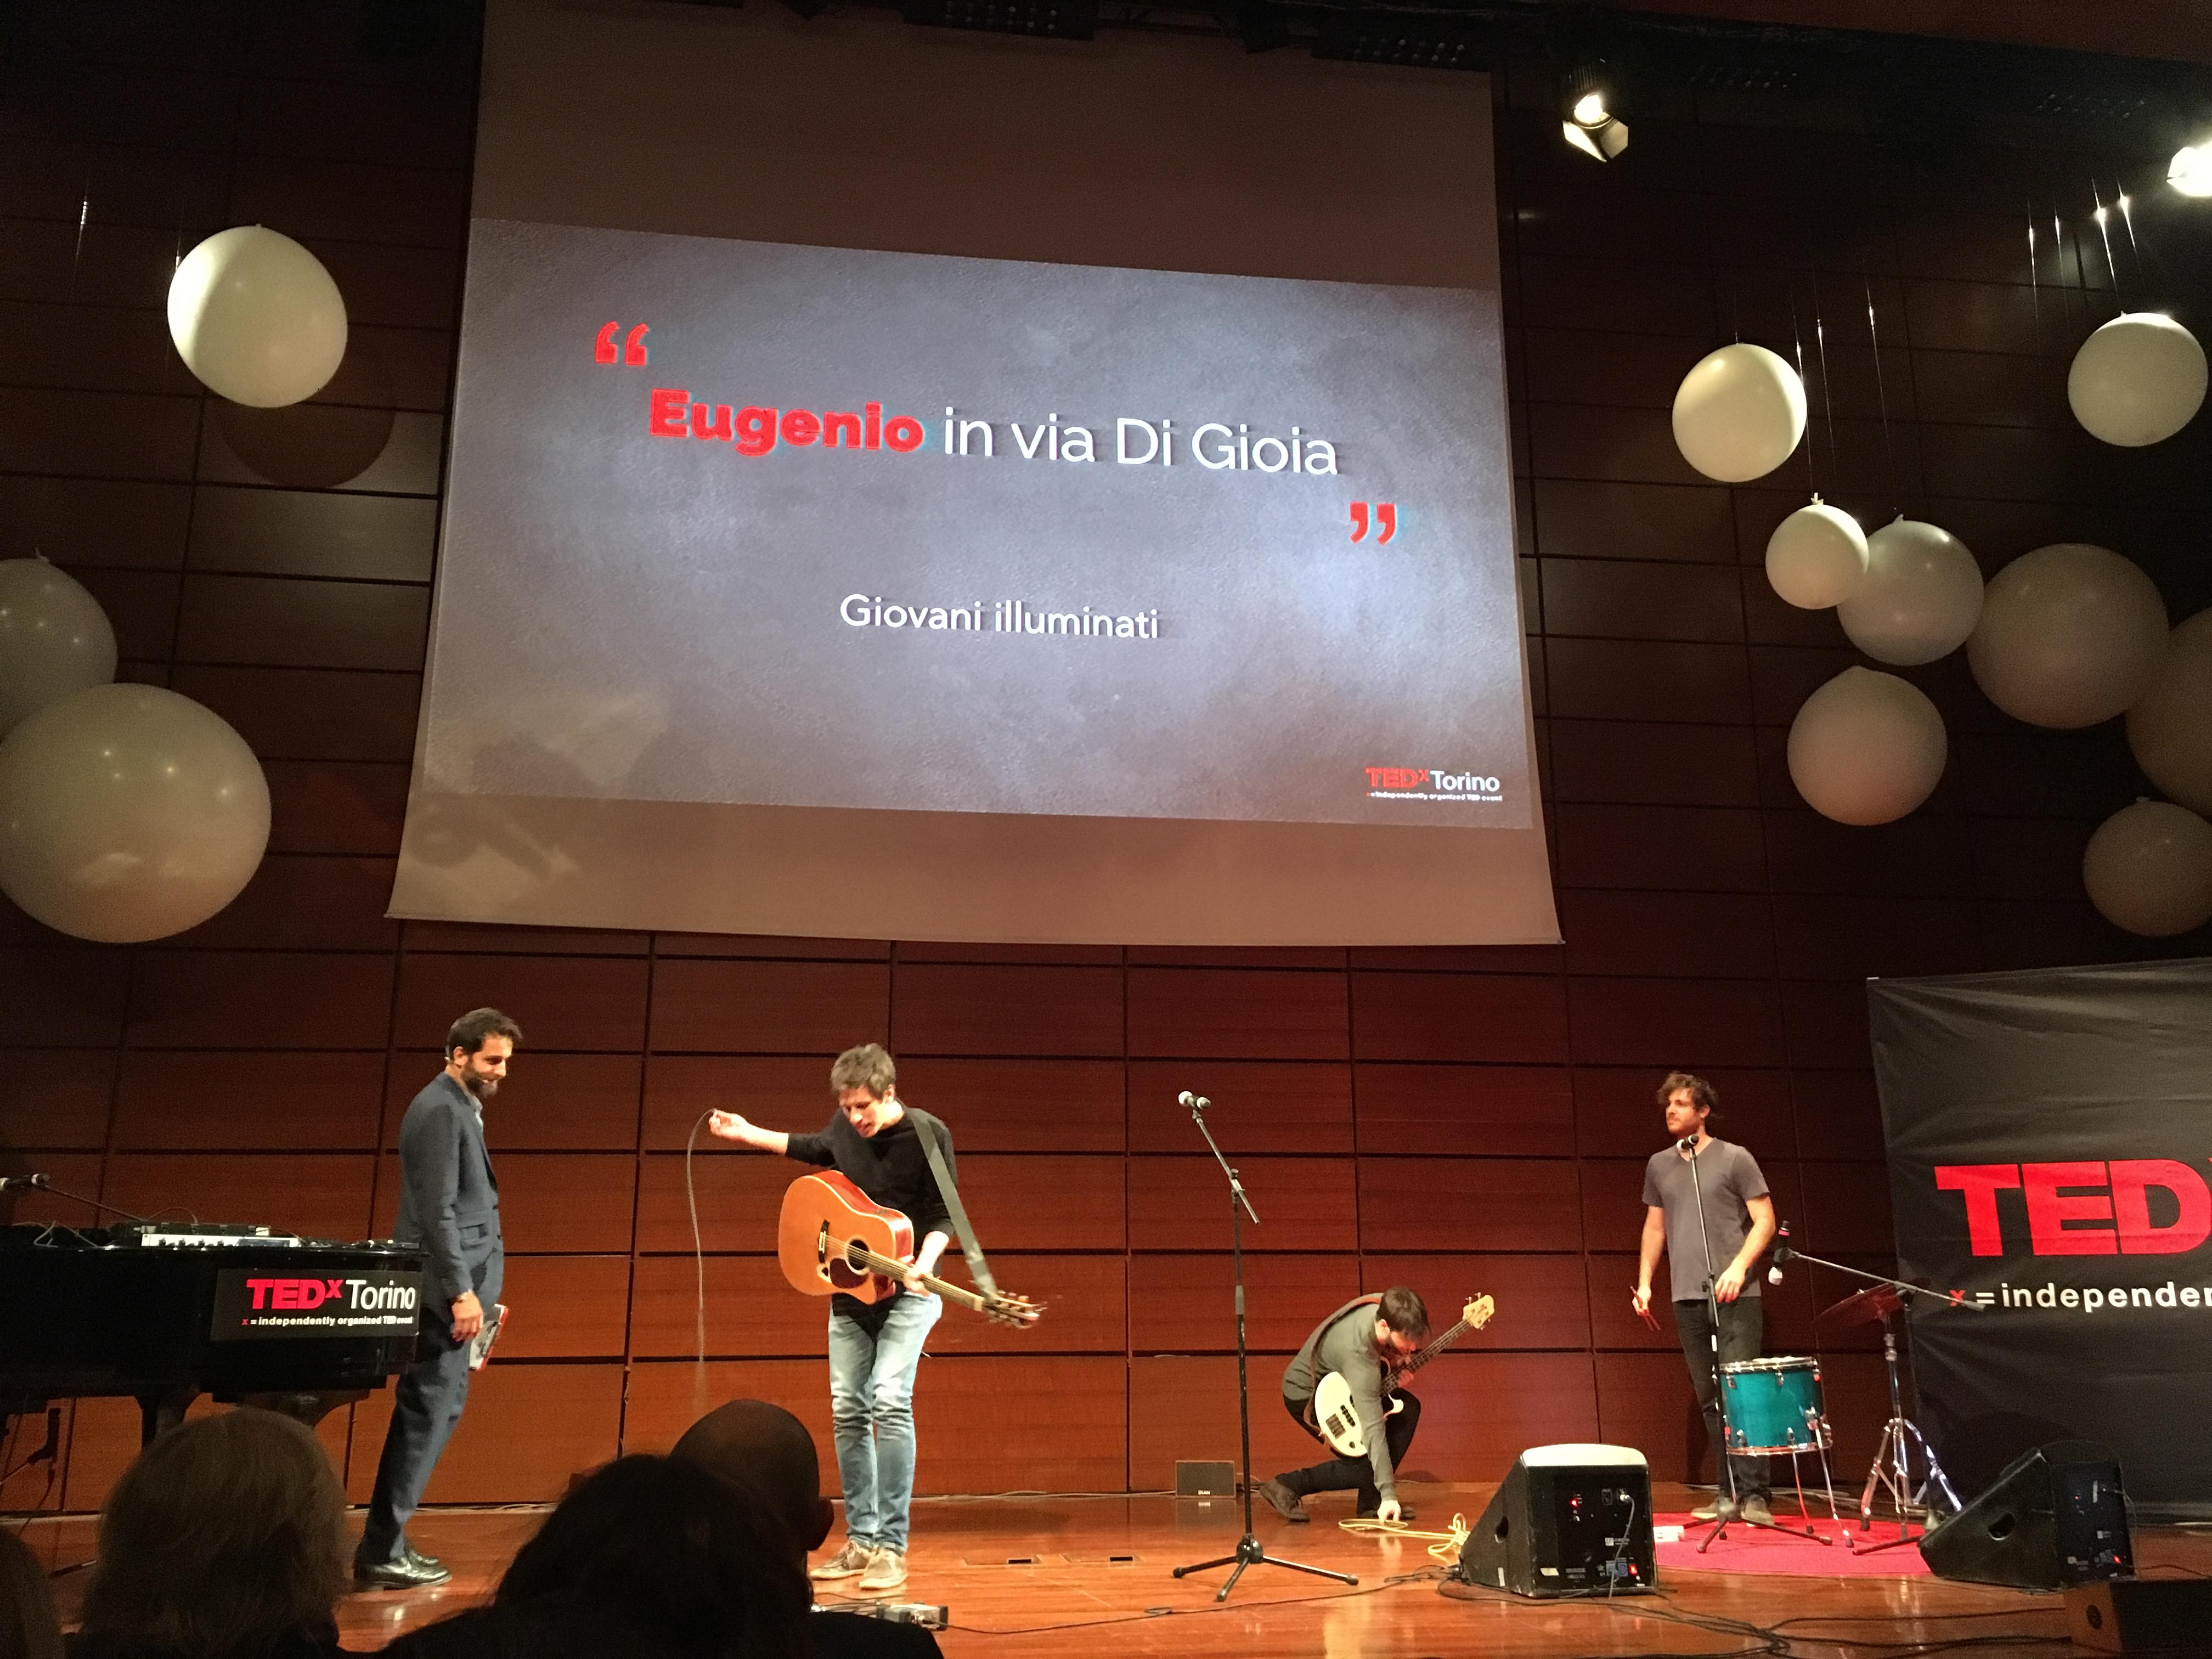 Talenti-Eventi-TED-x-Torino-Eugenio-in-via-di-gioia